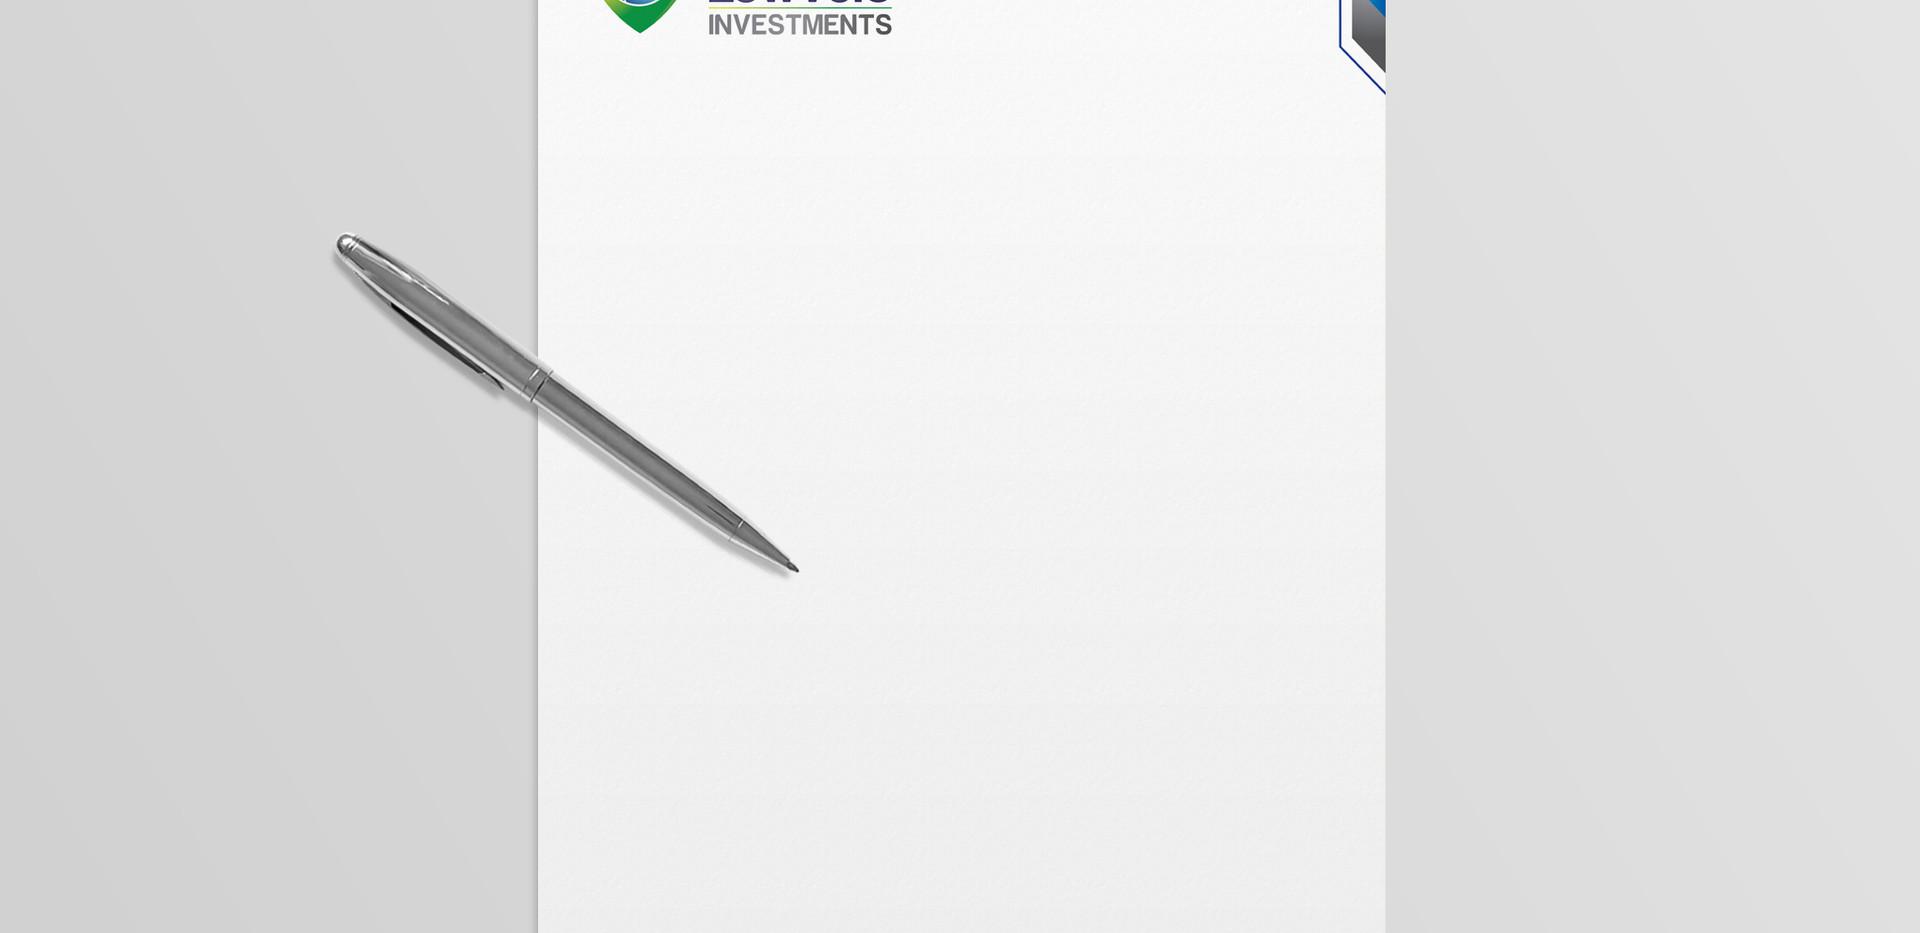 krugerlowveldinvestment letterhead.jpg